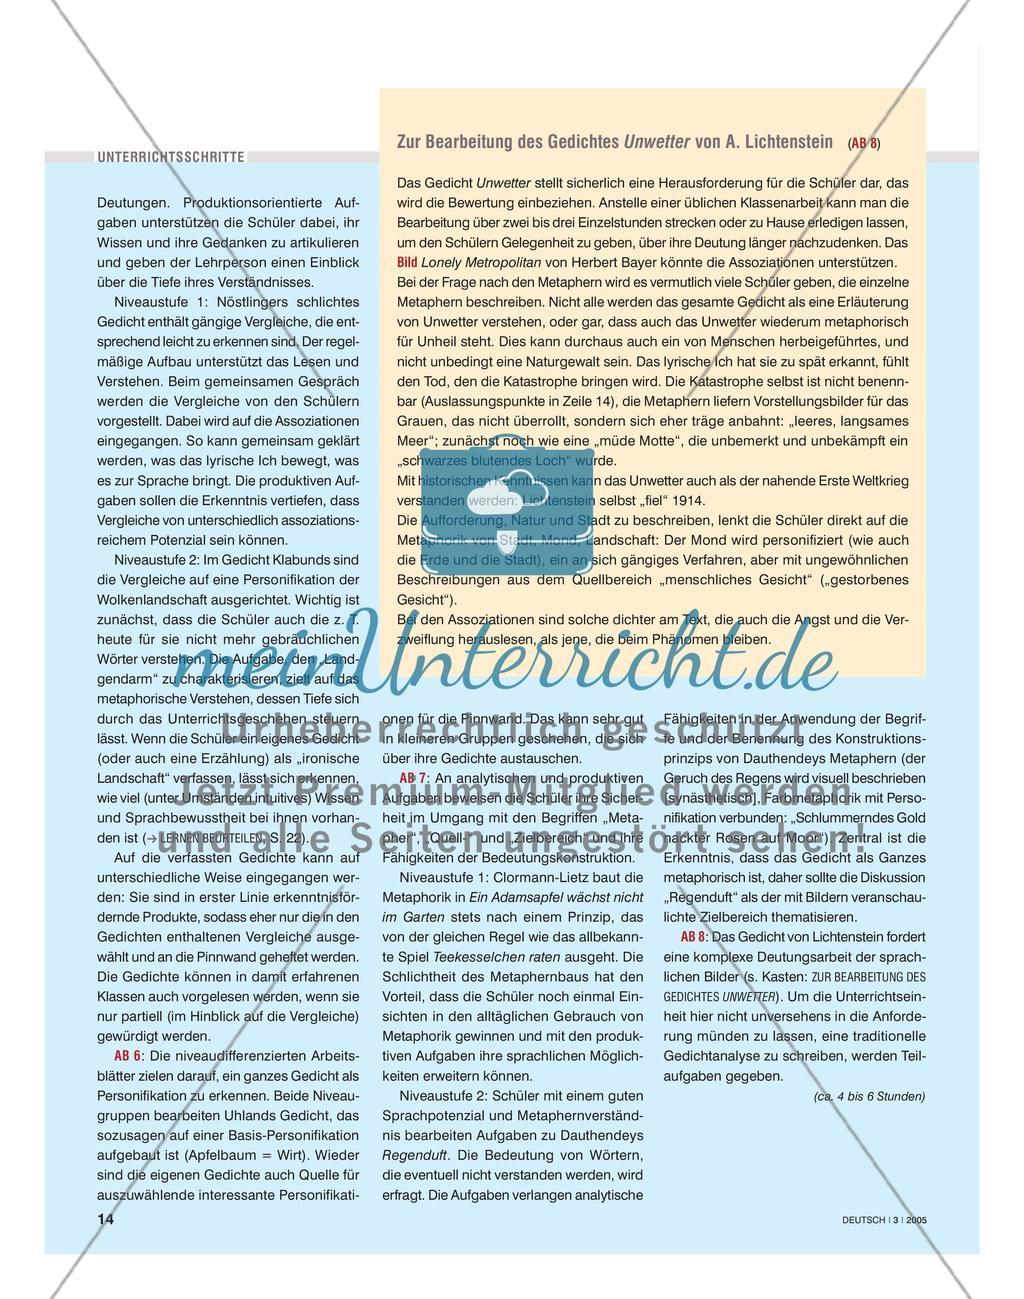 Sprachliche Bilder erfahren und interpretieren Preview 3